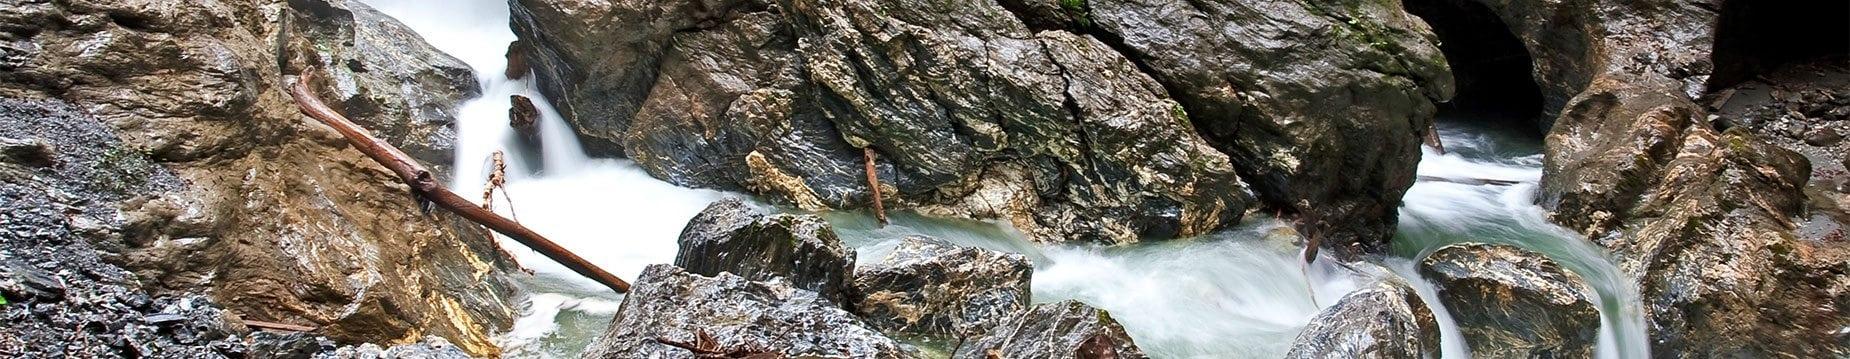 Liechtensteinklamm - Ausflugsziel im Salzburger Land